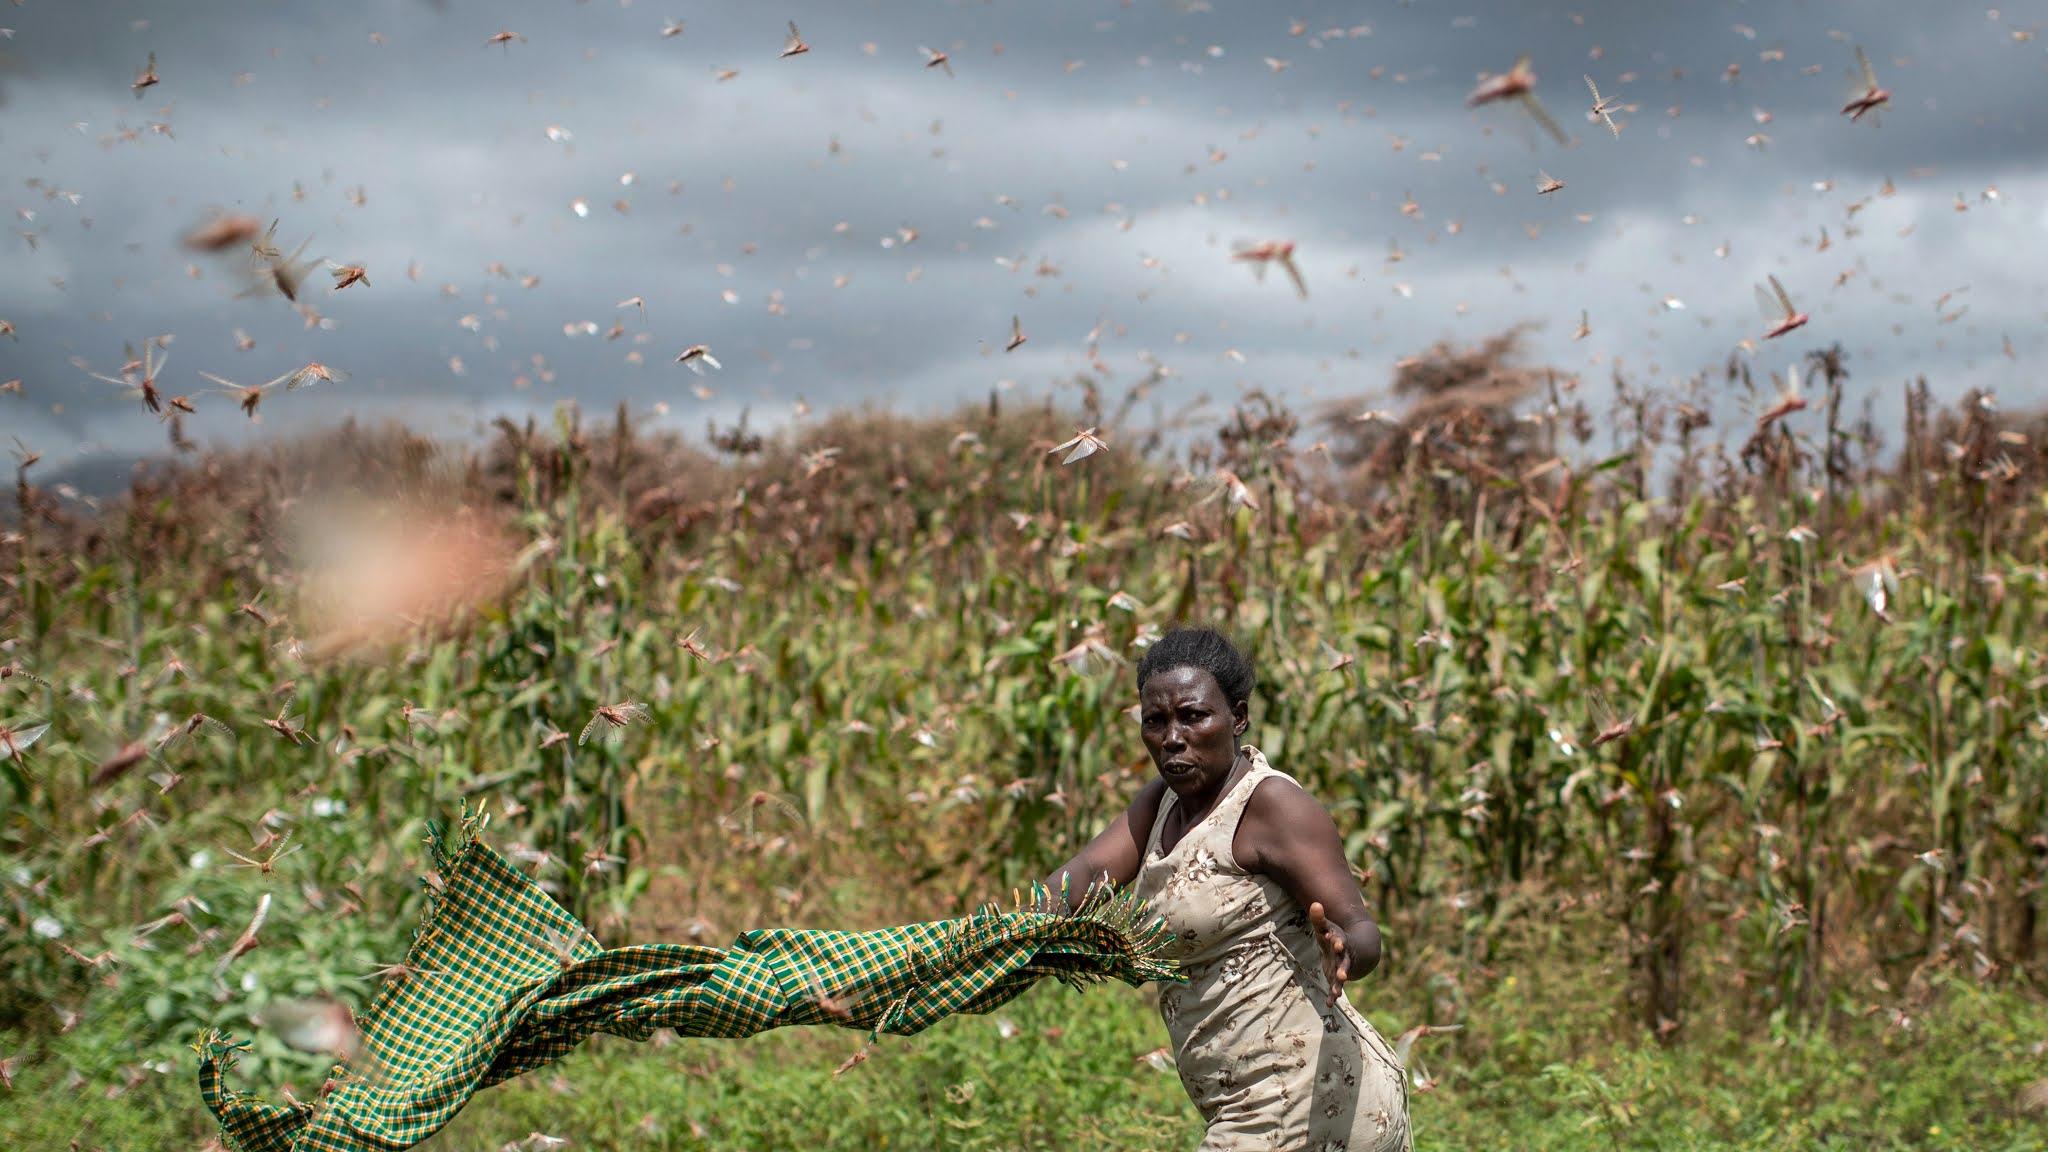 Locust Swarm Attacks | Locusts Destroying Crops Around the ...